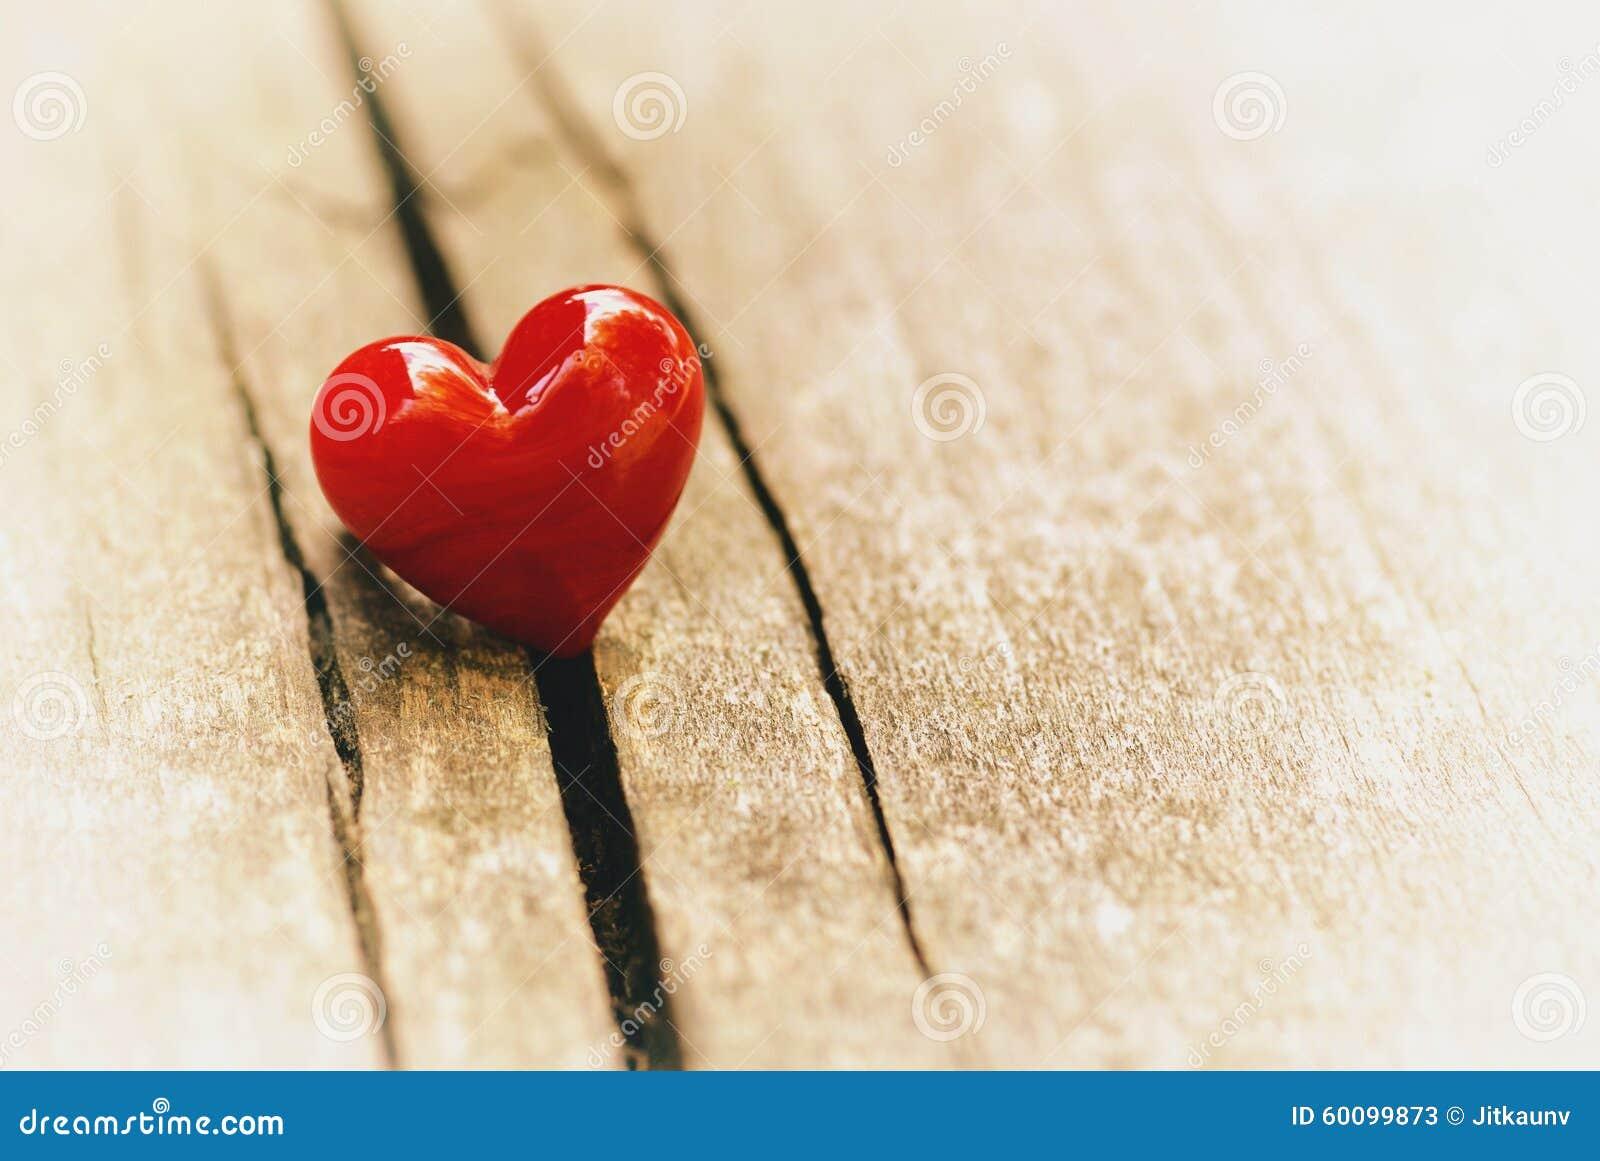 Cuore su fondo di legno decorazione di san valentino - Decorazione san valentino ...